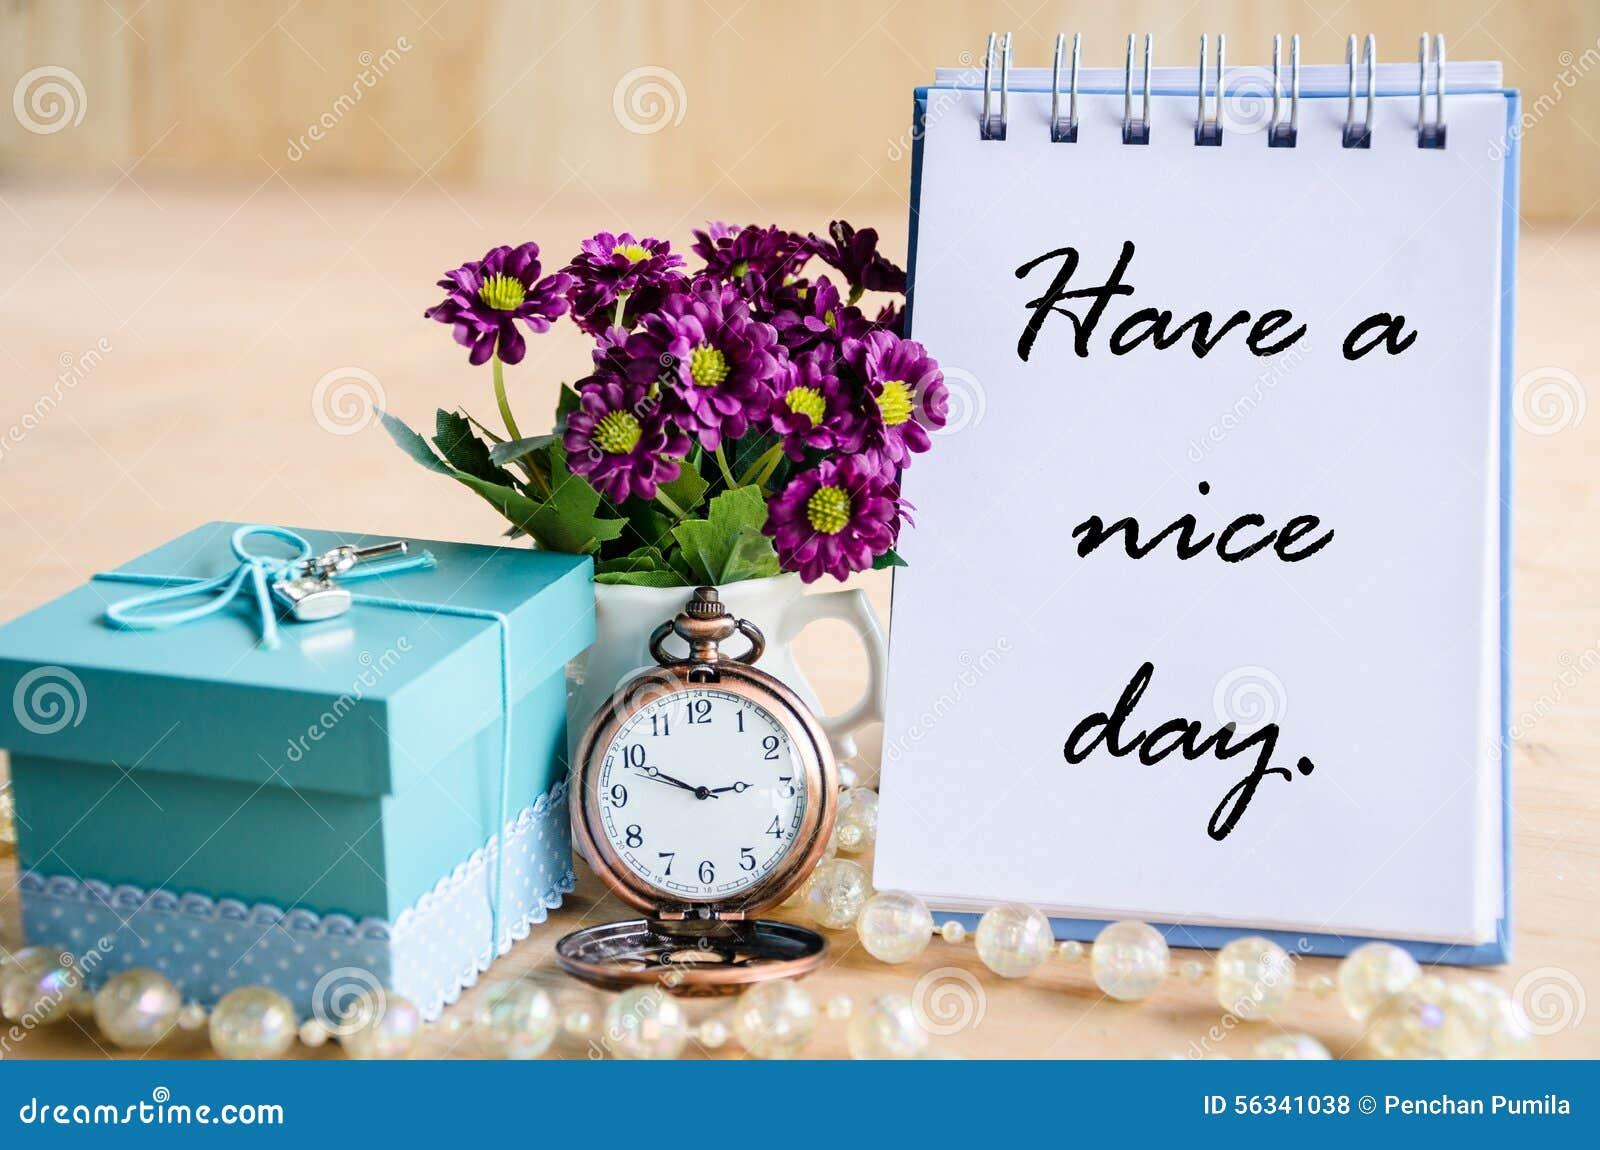 ha en trevlig alla hjärtans dag